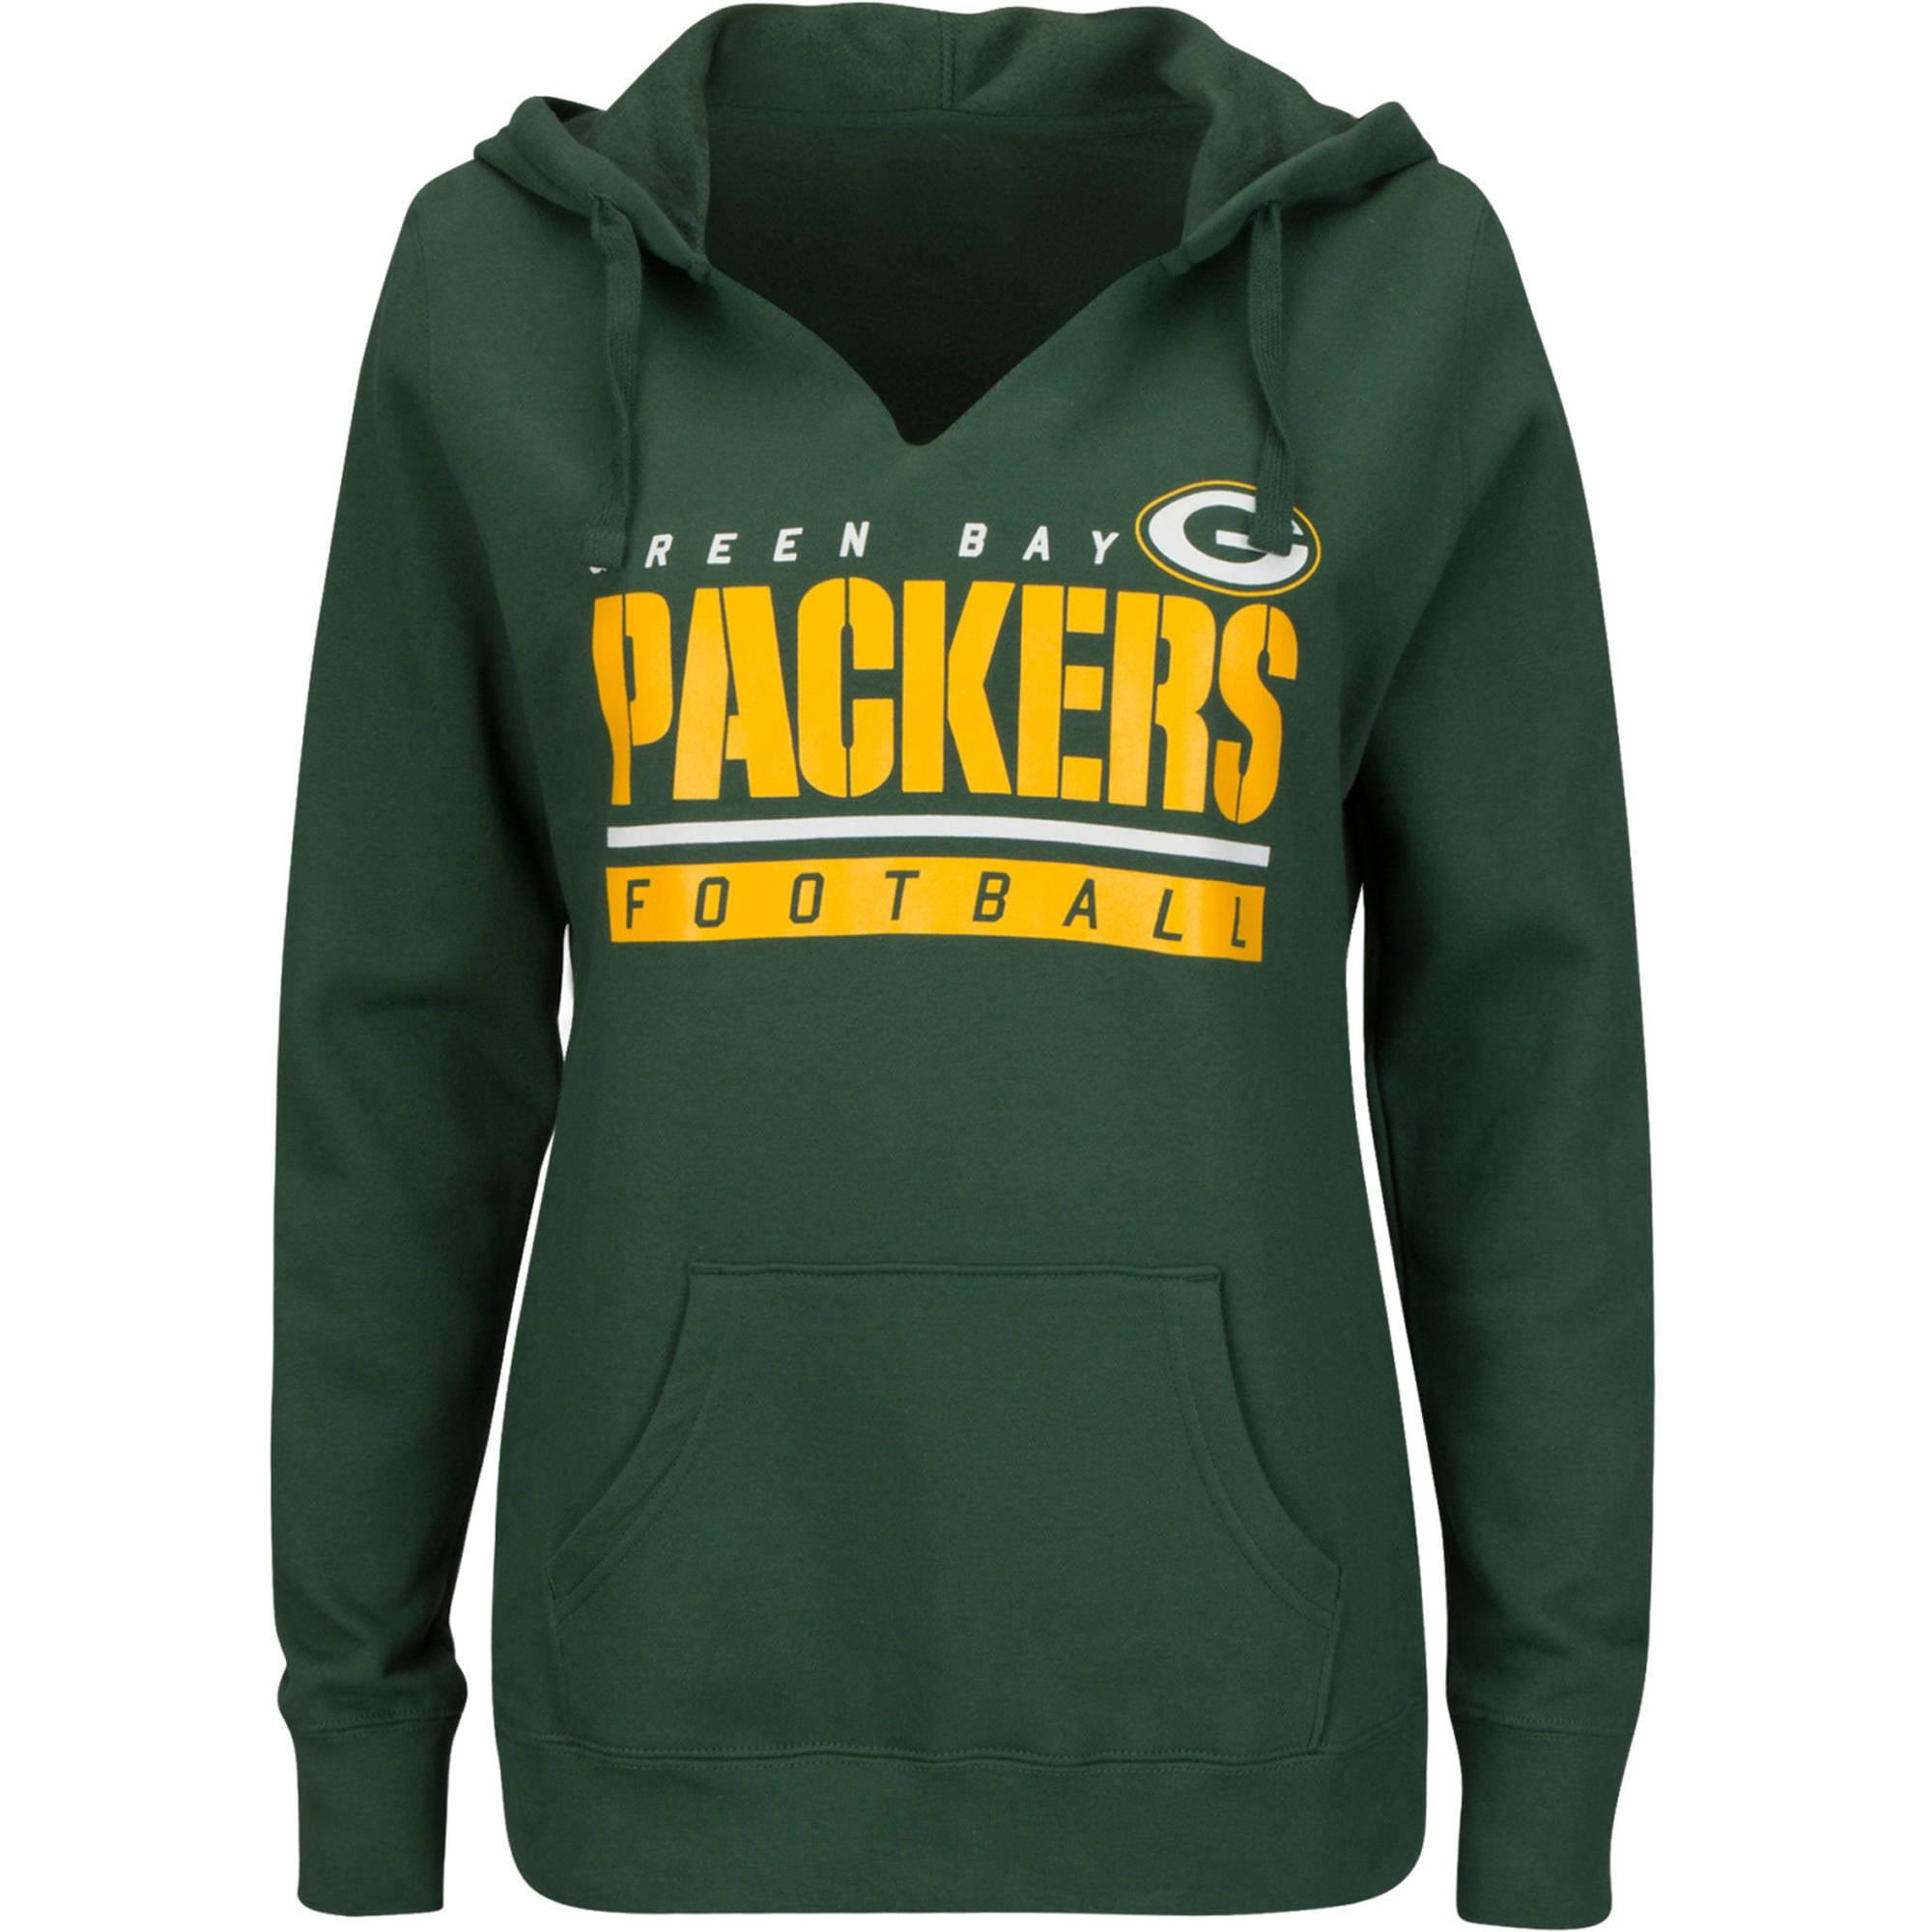 NFL Green Bay Packers Ladies Fleece Hoodie